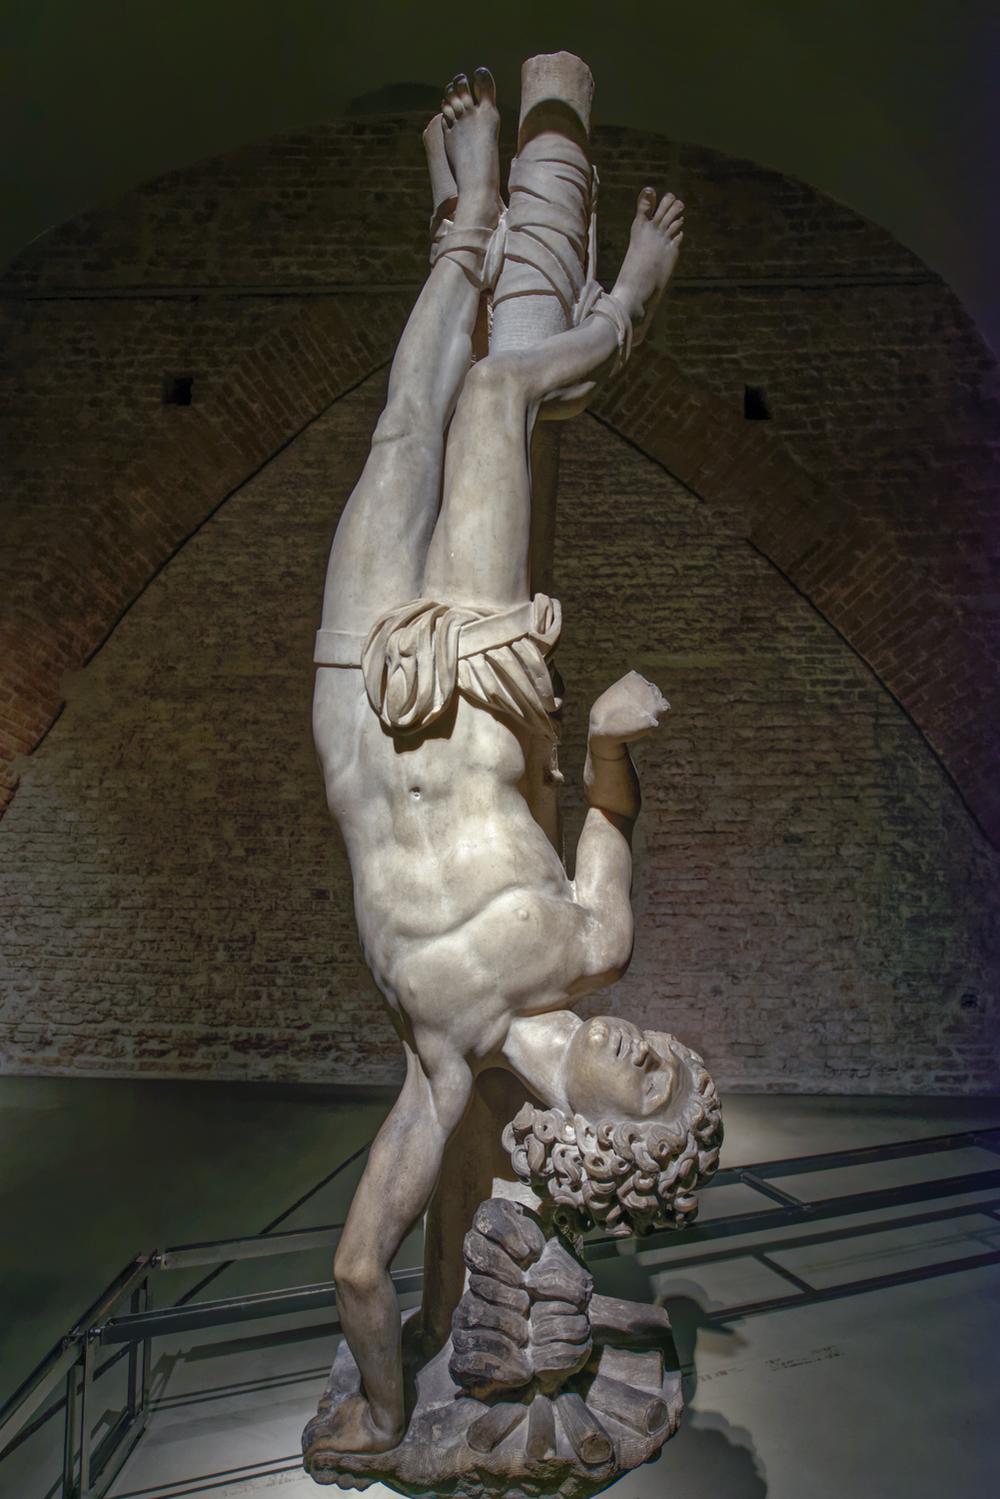 St. Agapitus , Lombard sculptor, 1605-1607. Bracket statue. Duomo di Milano, Museum.